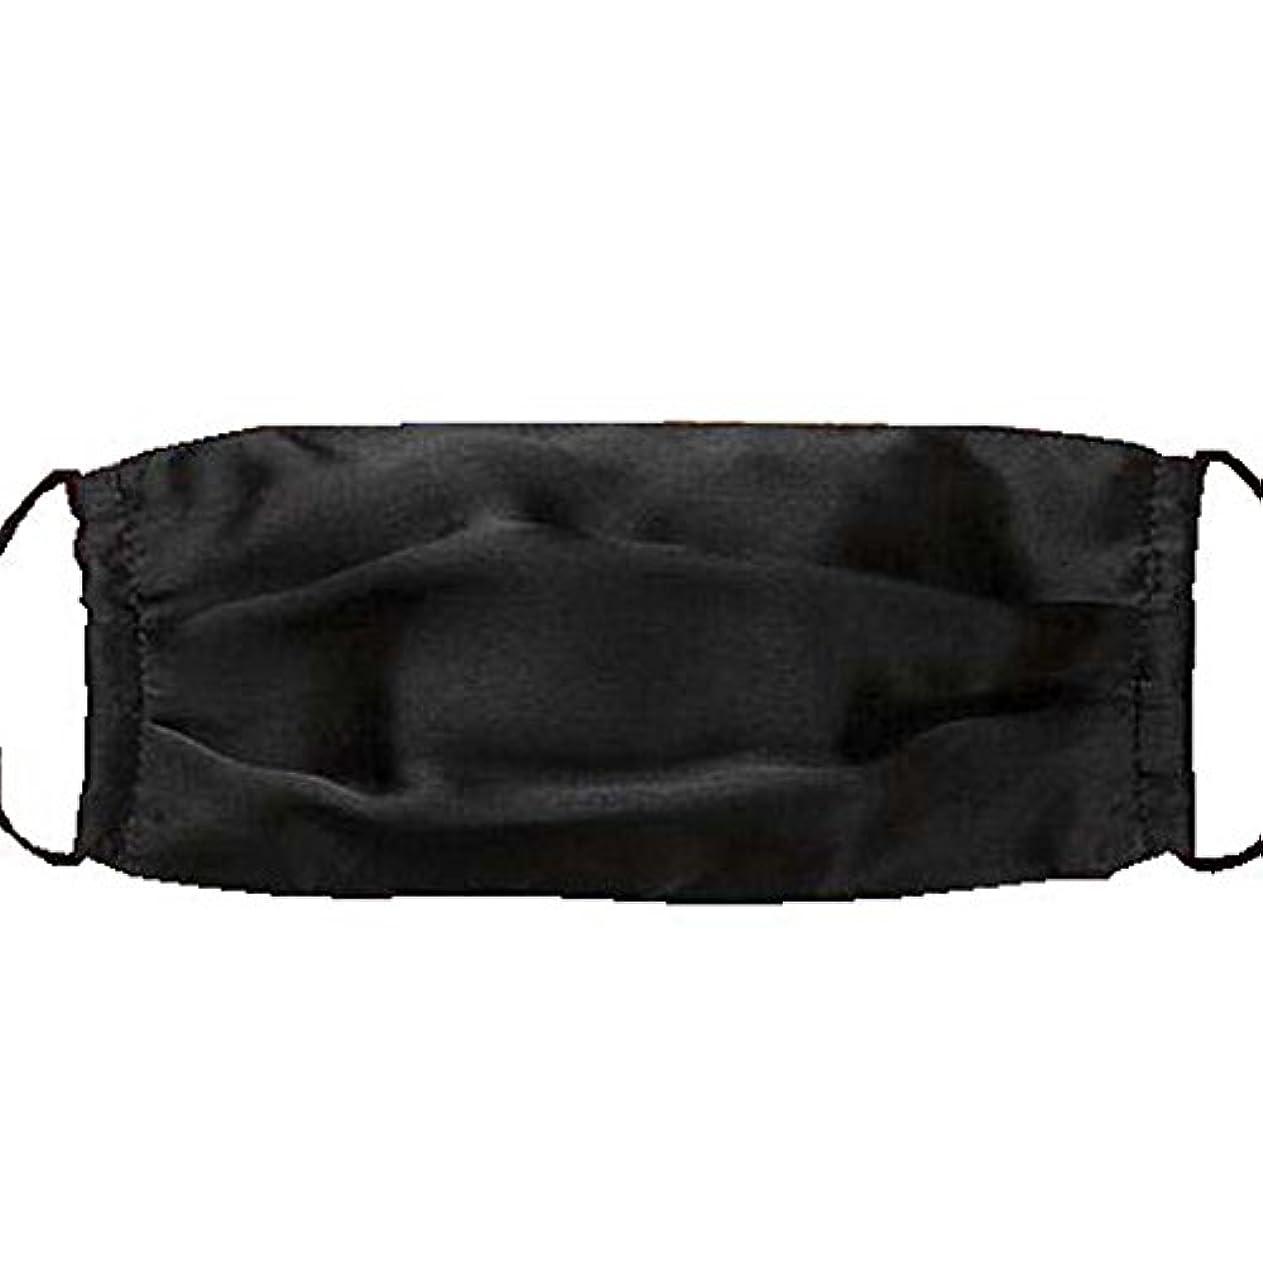 エチケット夏甘やかす再使用可能な洗浄可能な活性炭シルクウォームPM 2.5ダストマスクインフルエンザマスク